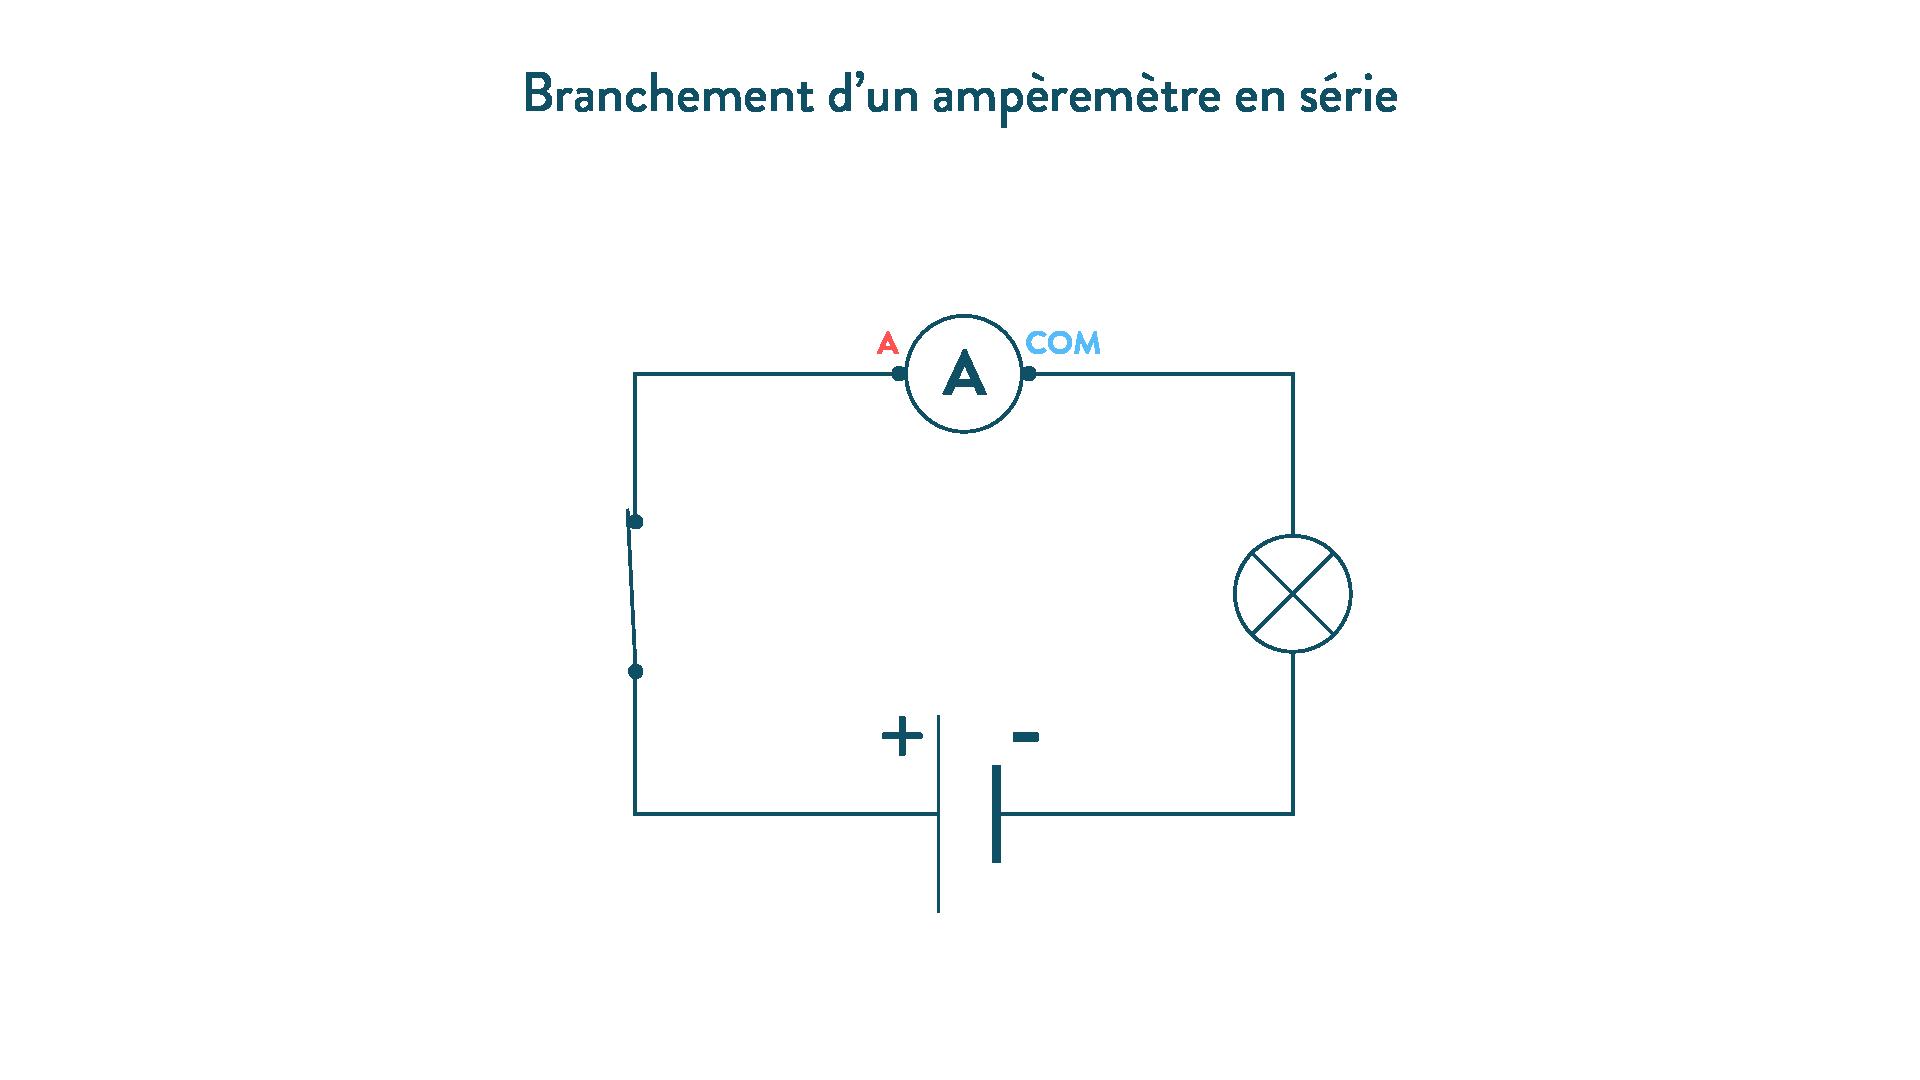 Branchement d'un ampèremètre en série dans un circuit